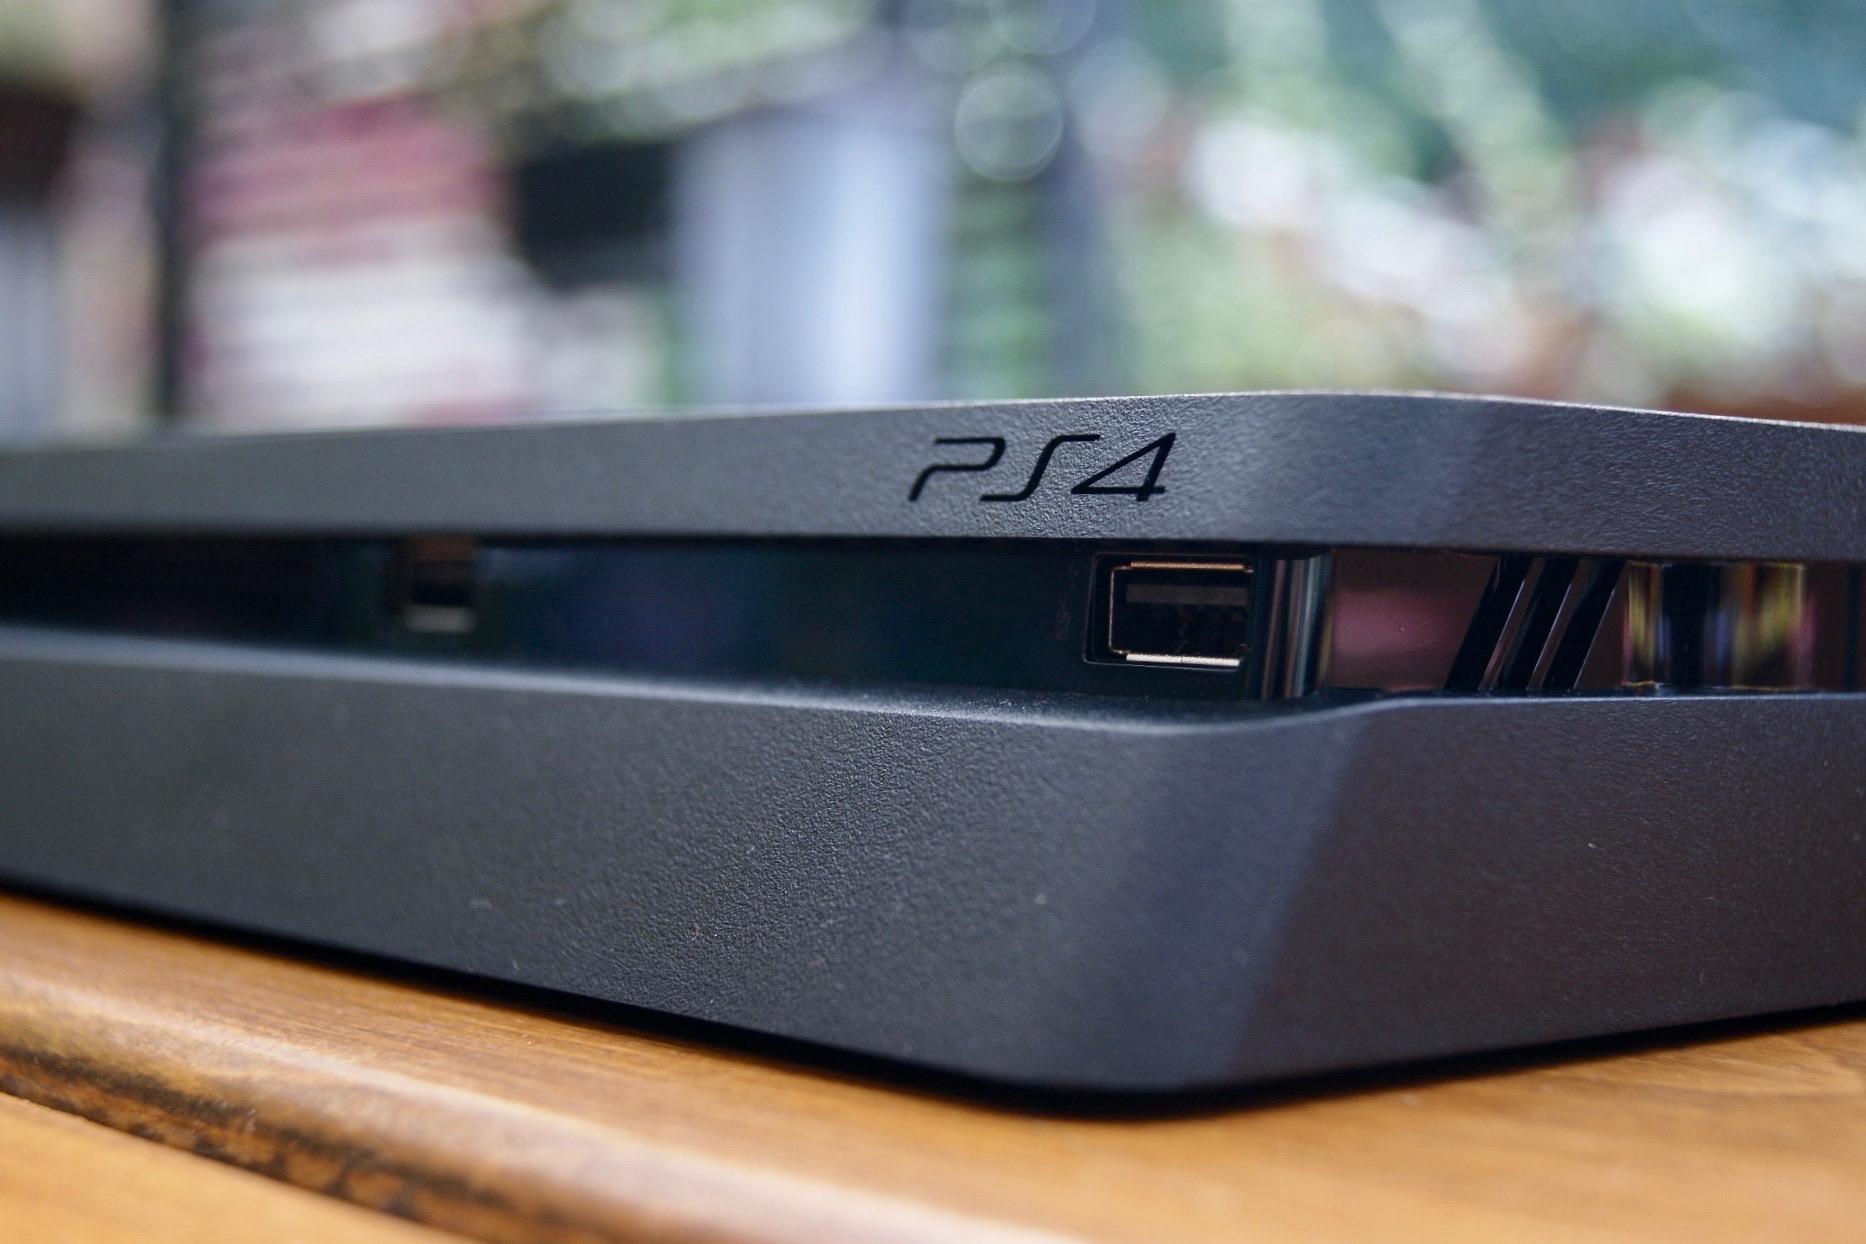 Świetna promocja! PlayStation 4 Slim z dwoma padami kosztuje zaledwie 1000 zł